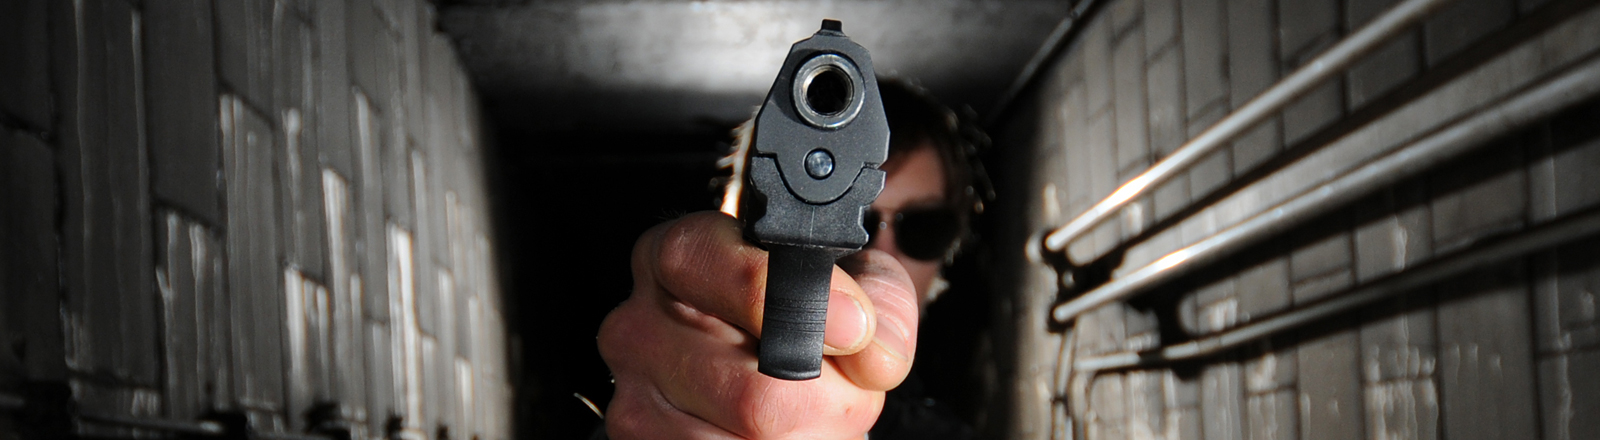 Blick in den Lauf einer Waffe